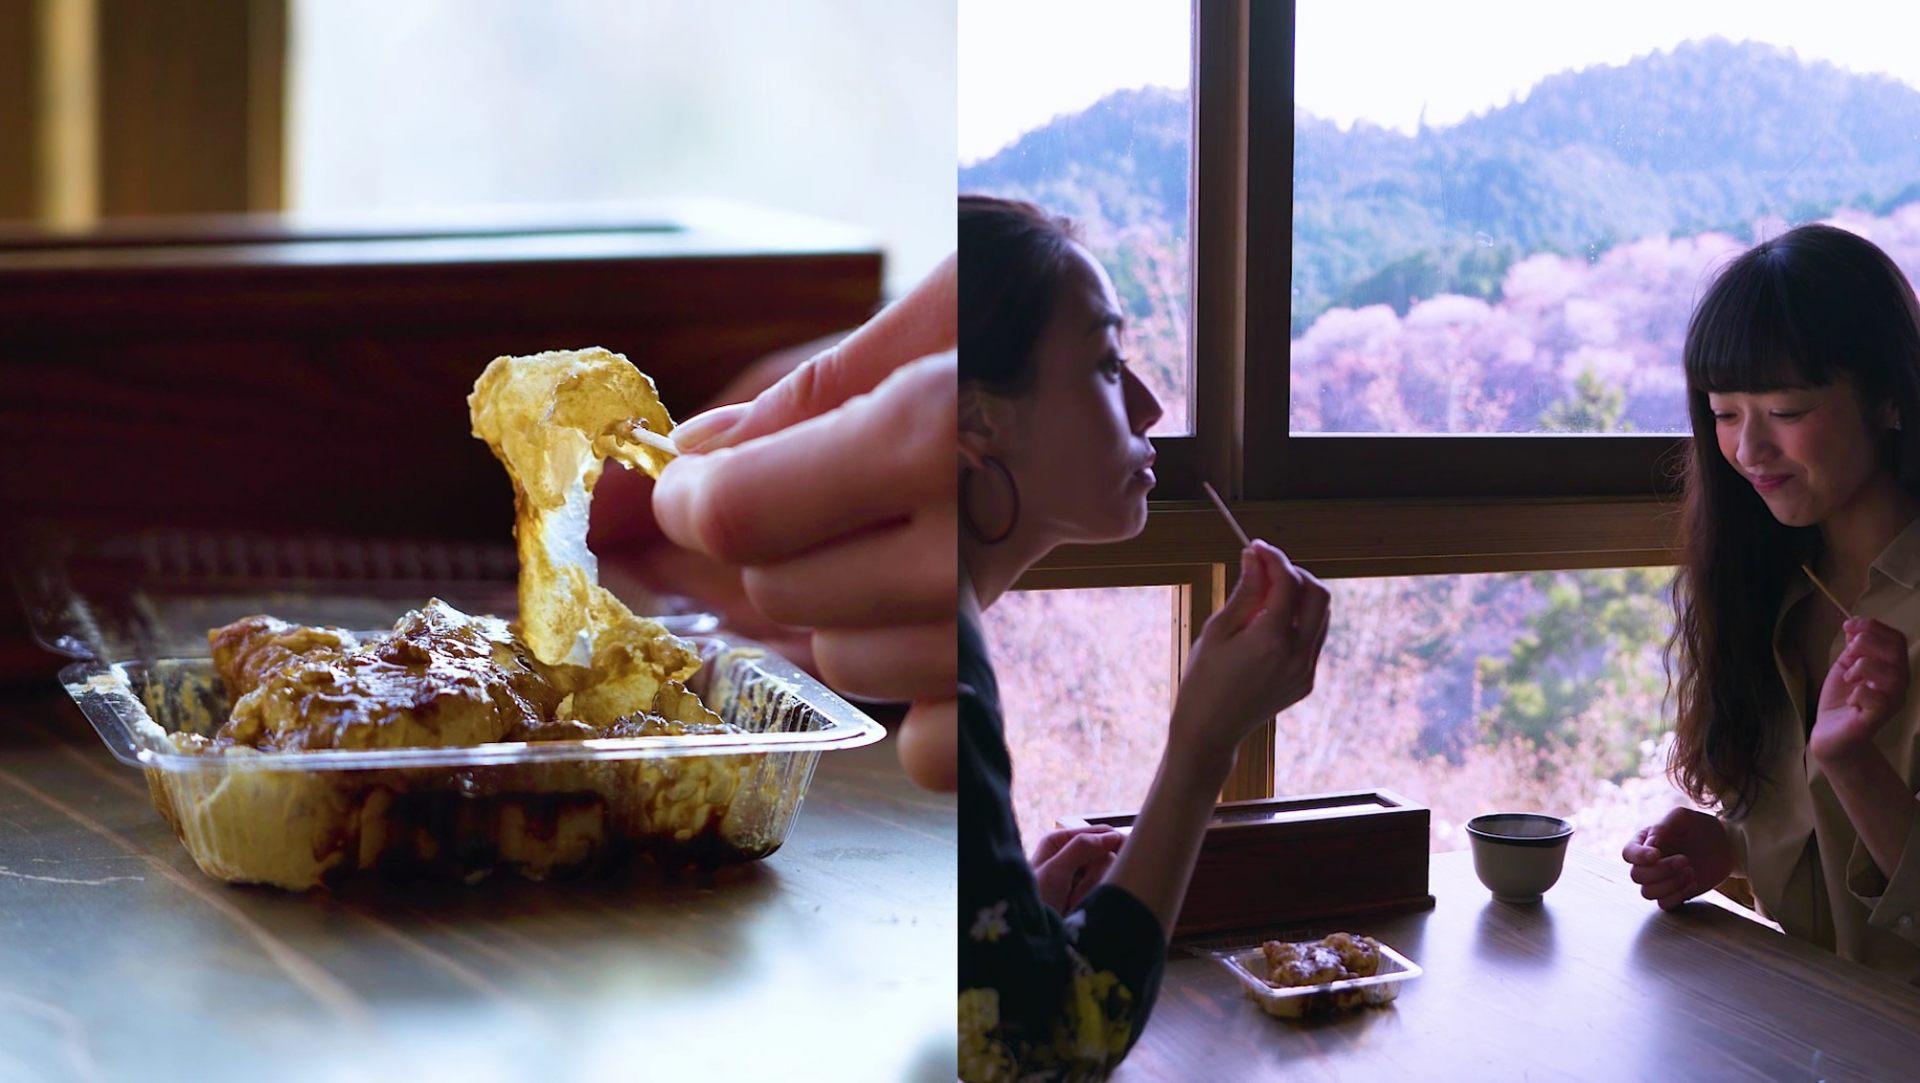 「吉野葛」を用いた和菓子「葛餅」